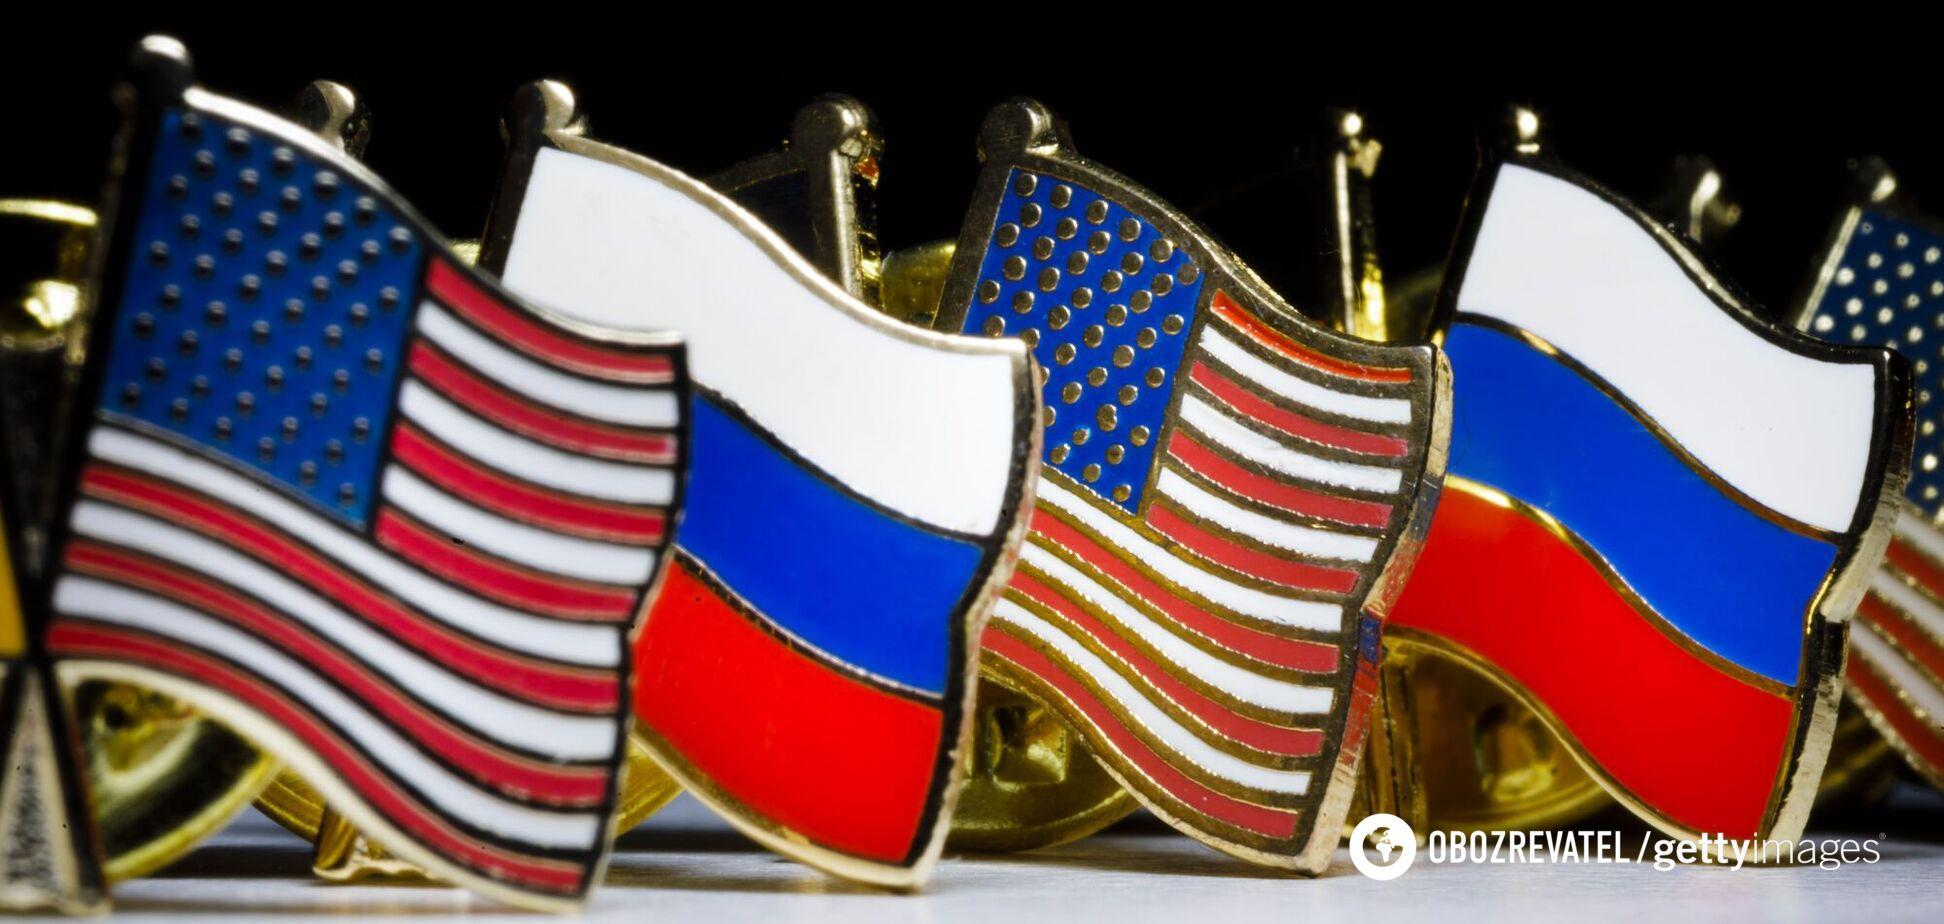 Сотрудничество между Россией и США идет на убыль, считает политик Марк Фейгин